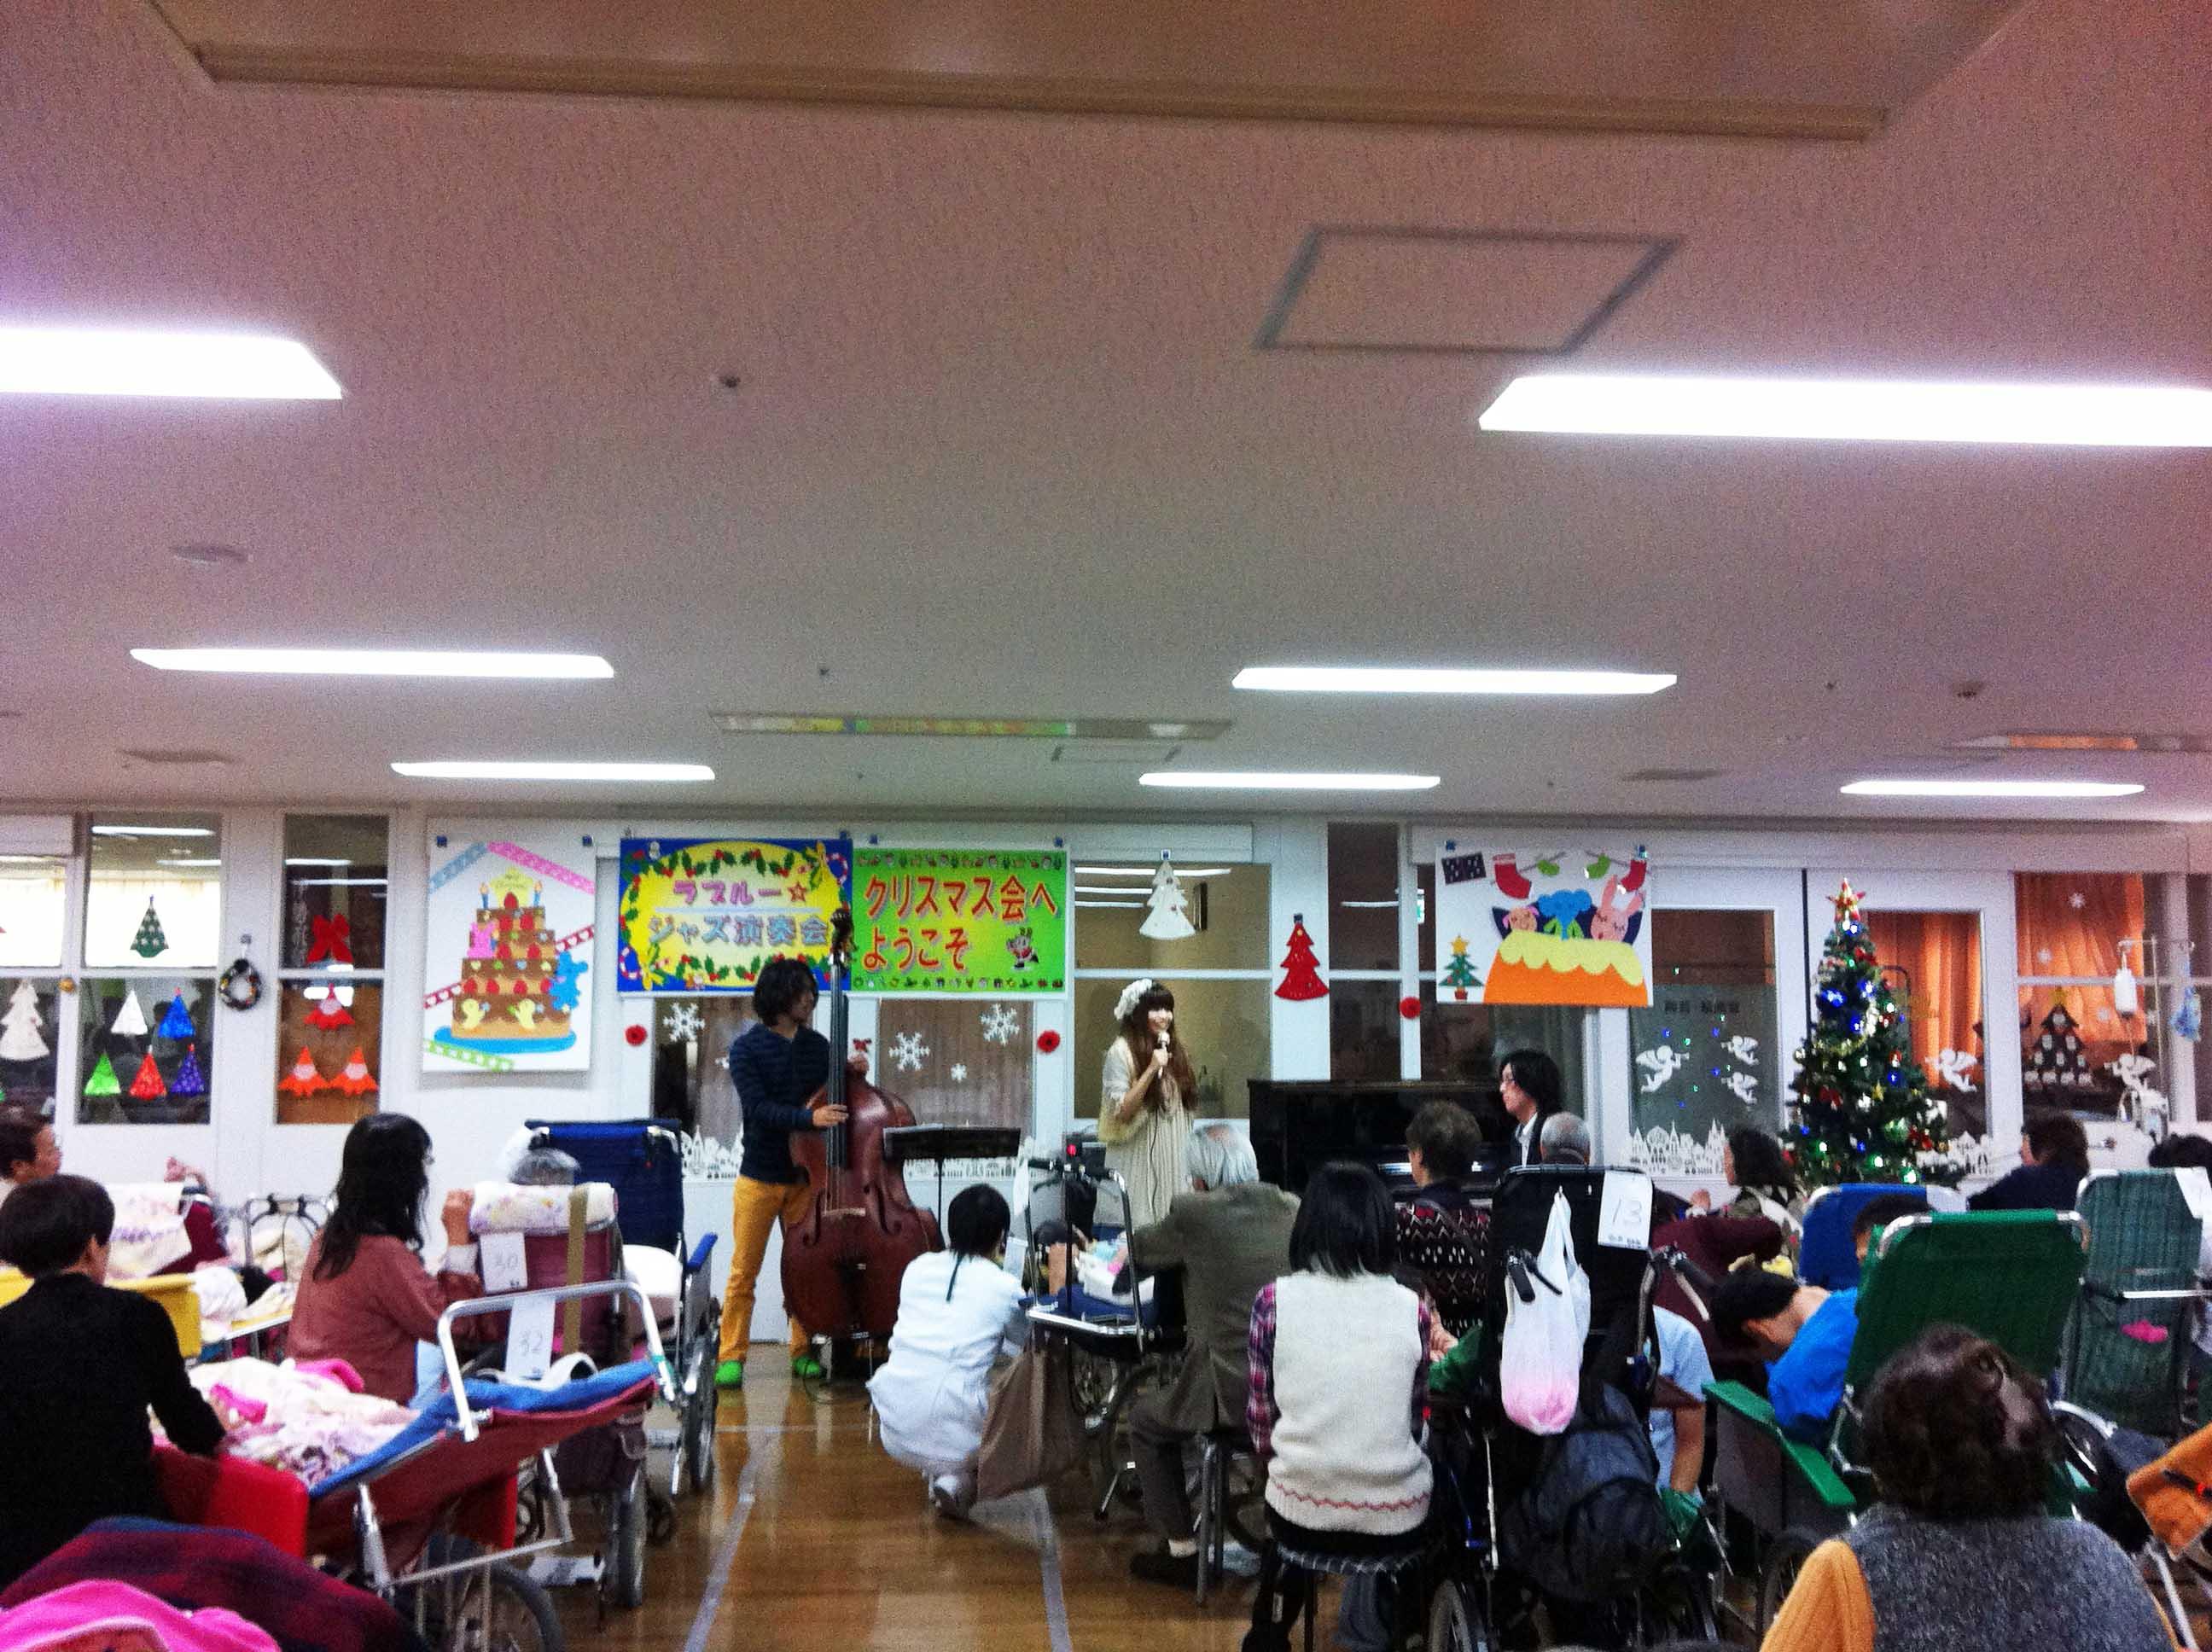 鈴鹿市鈴鹿病院クリスマスコンサート